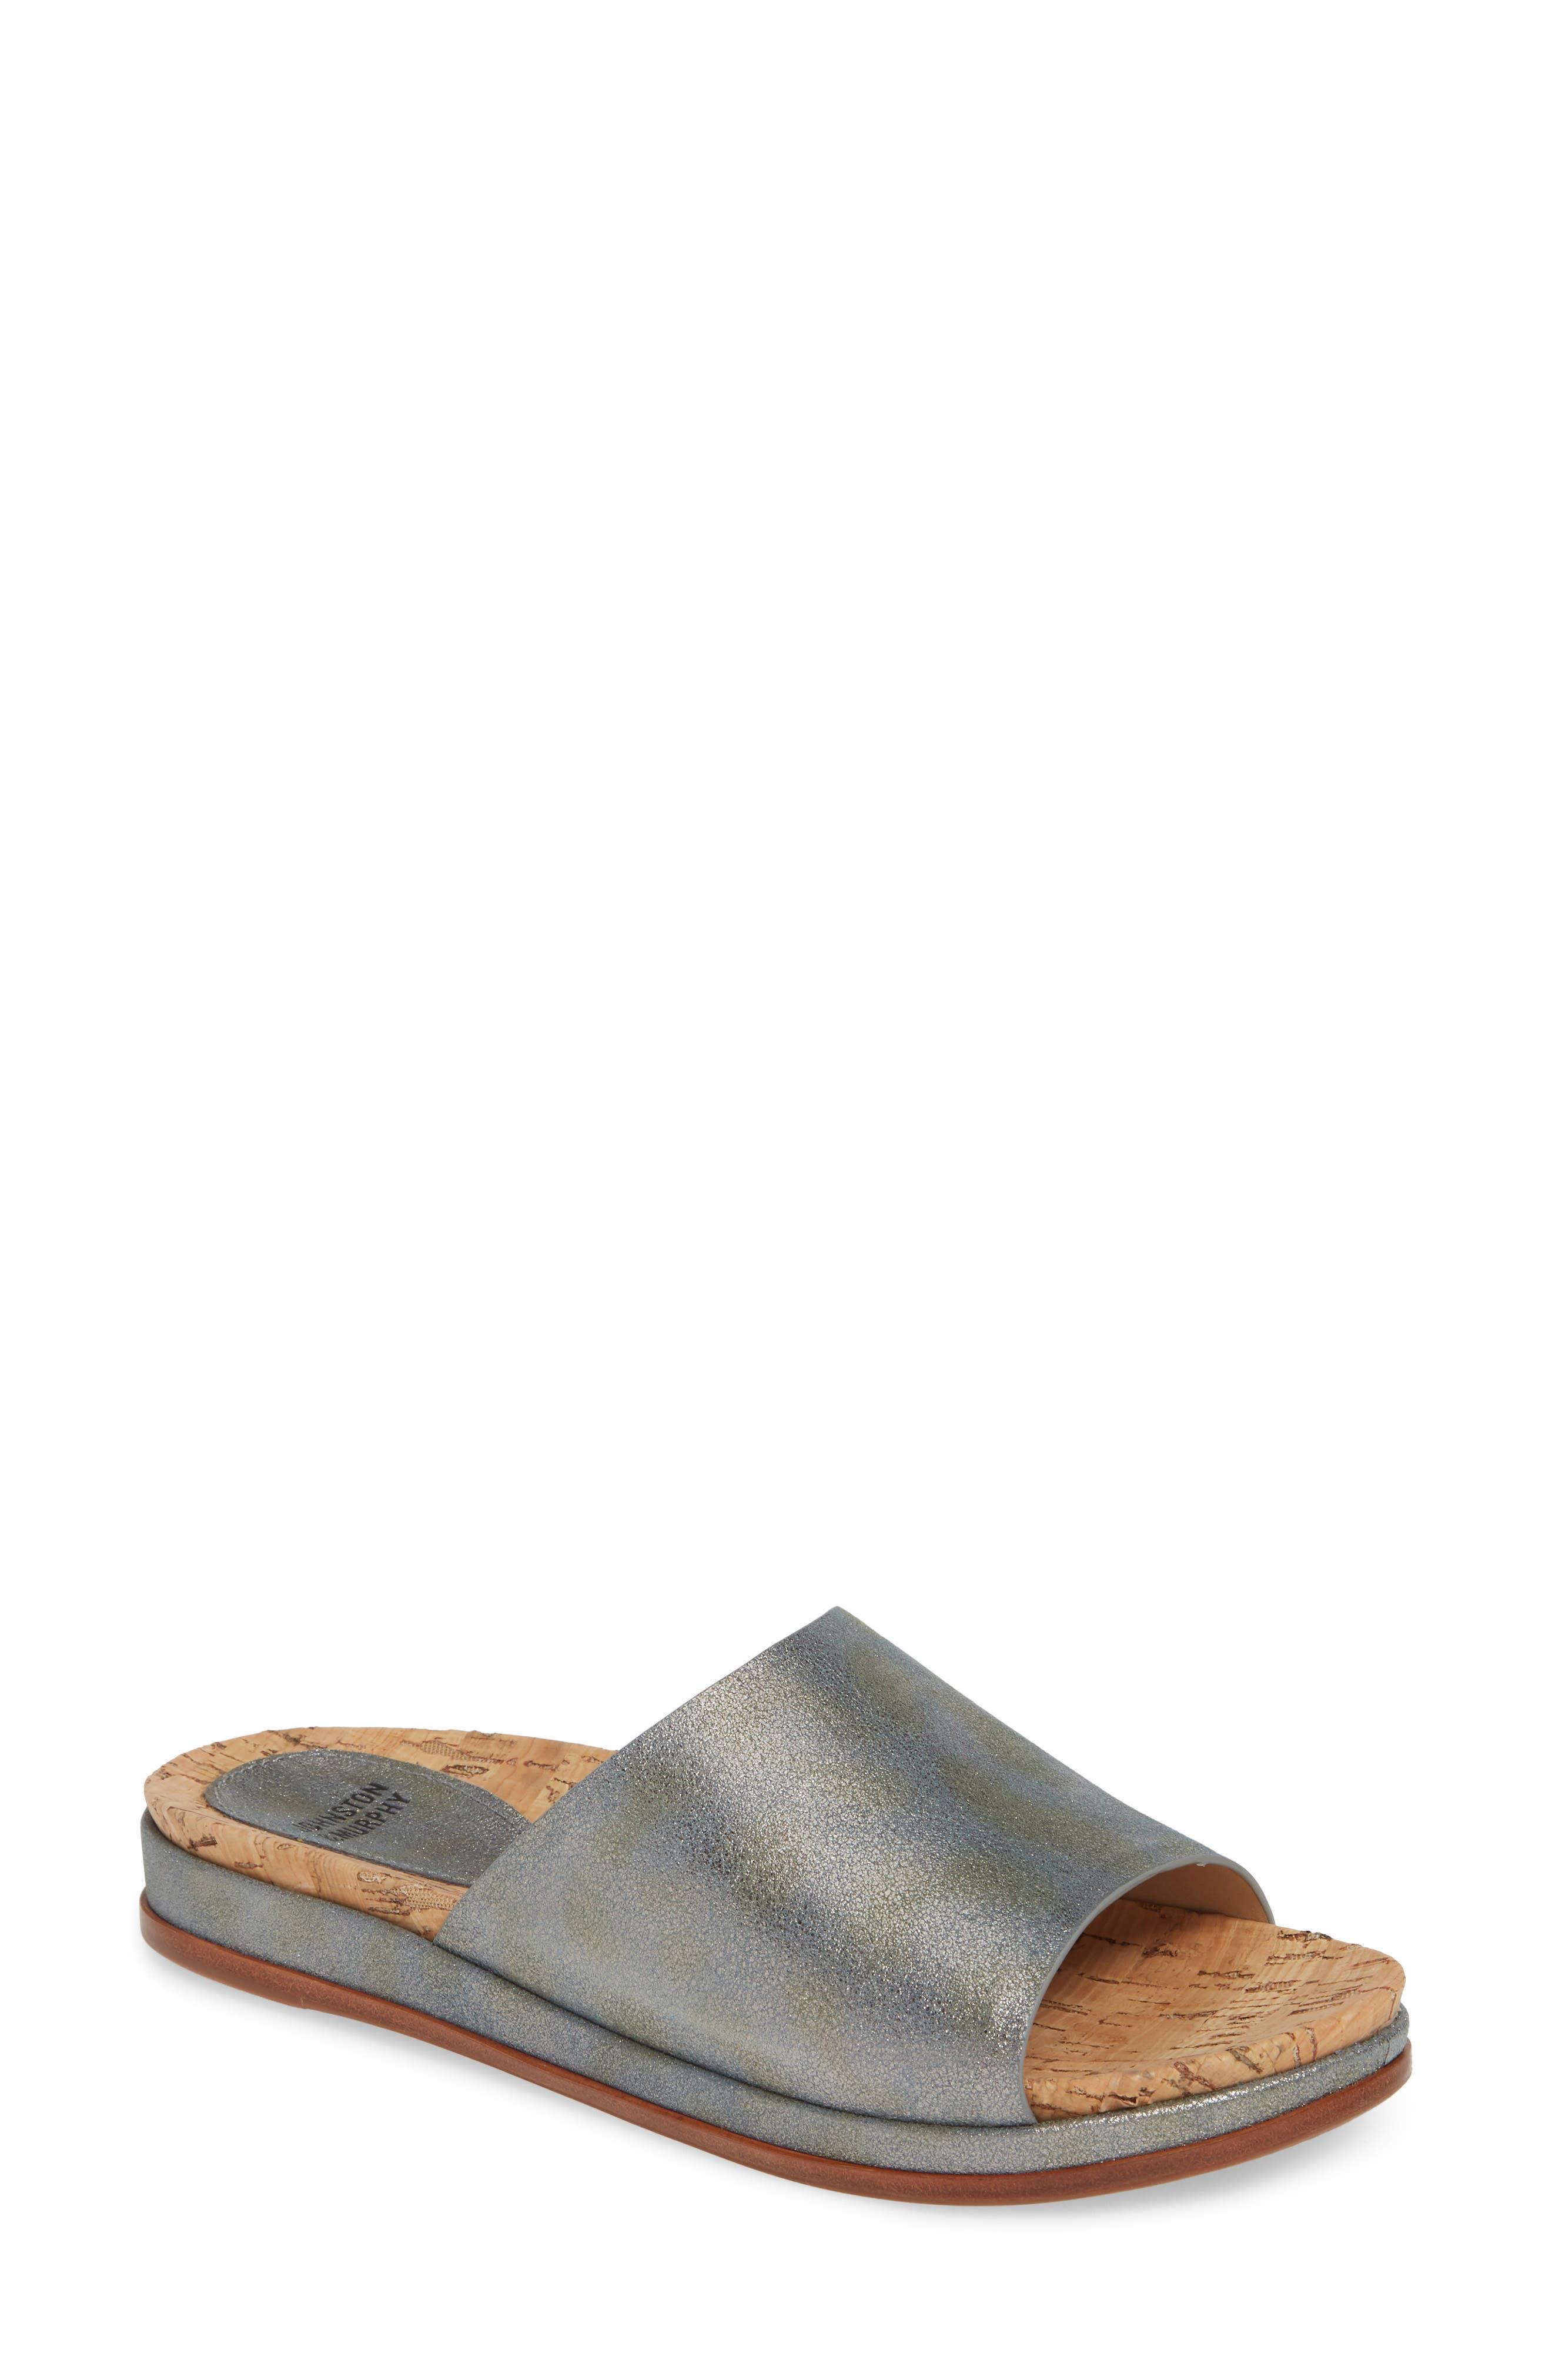 Johnston & Murphy Jenny Slide Sandal, Grey